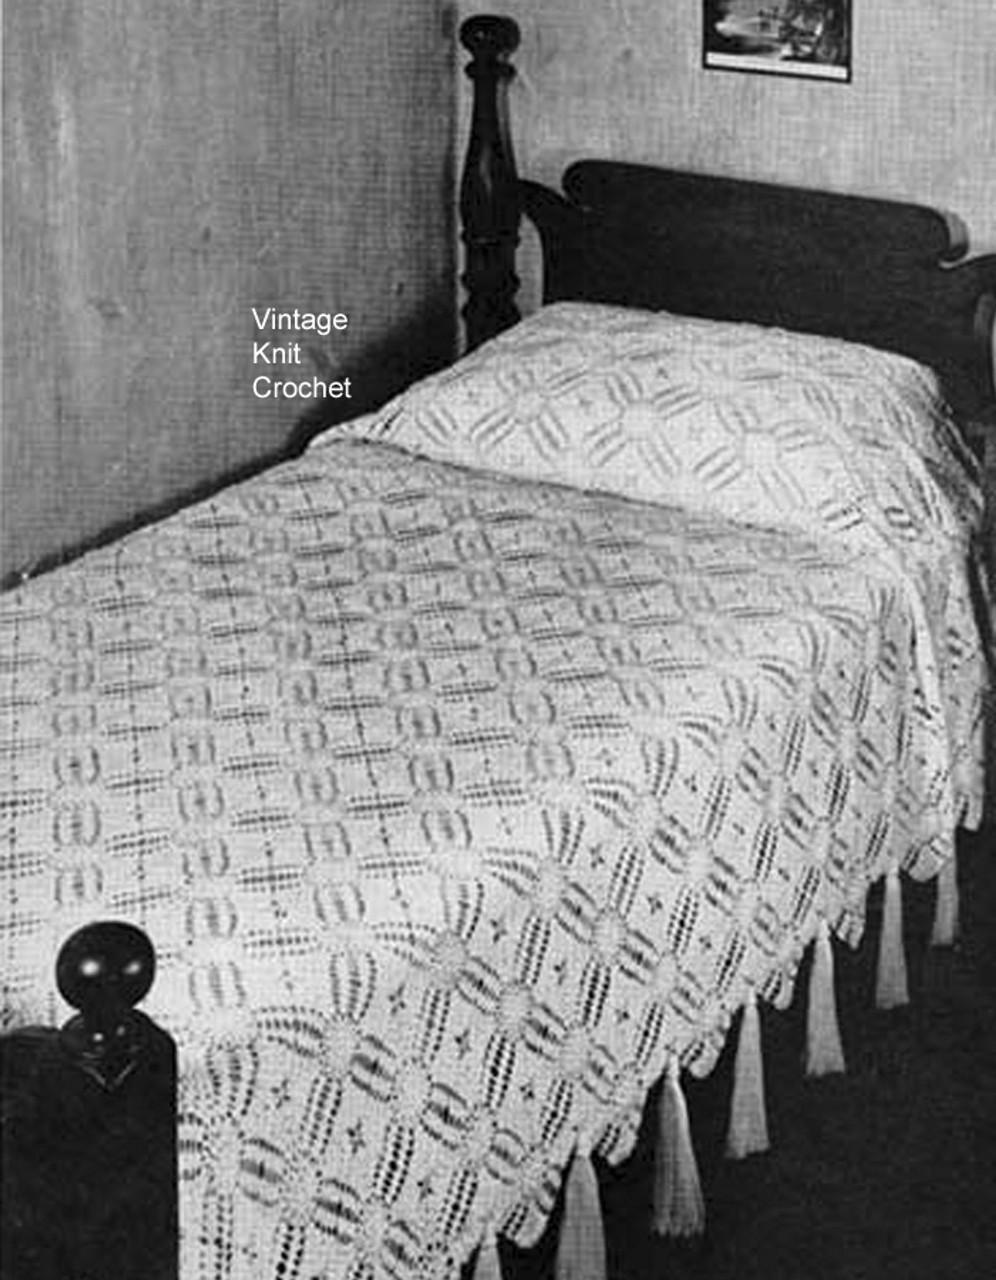 Connecticut Yankee Crochet Bedspread Pattern